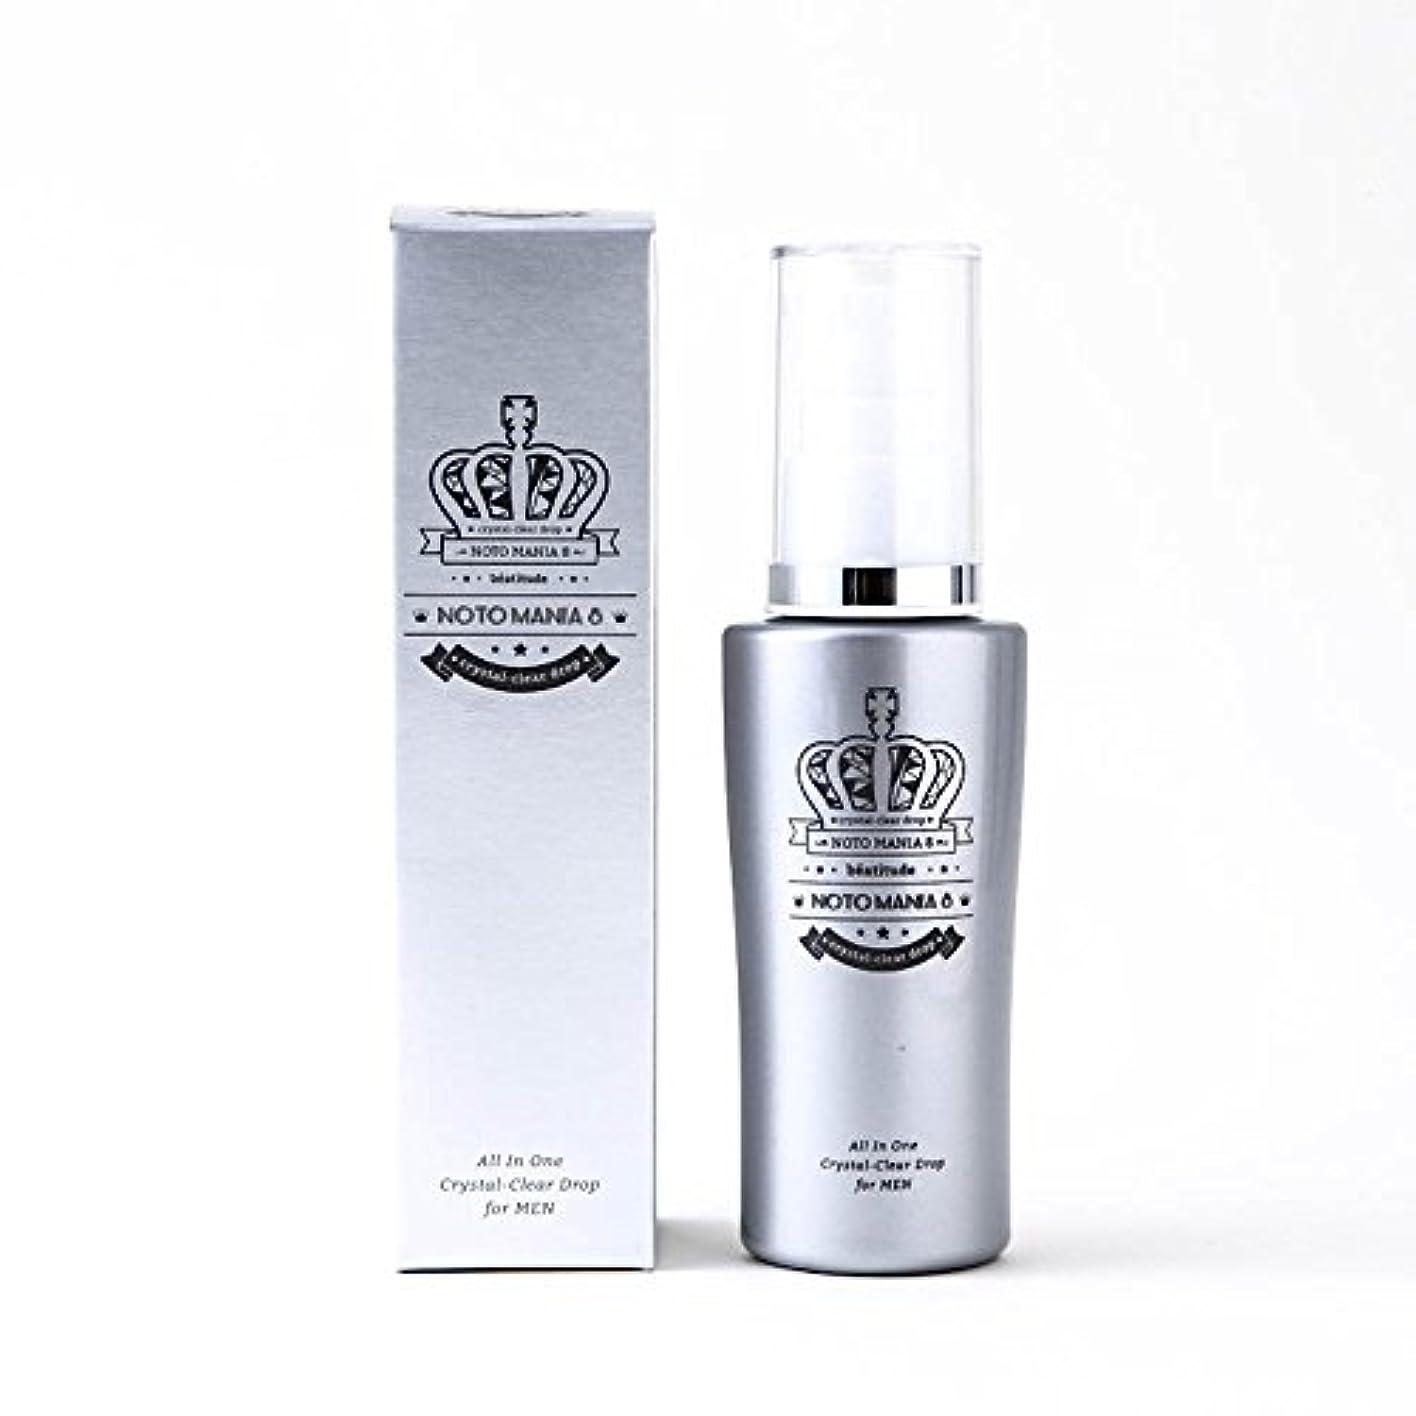 パイント野心的辛なノトマニア8 ( NOTOMANIA8 メンズ オールインワン 濃密保湿美容液 )& 男性用 スキンケア 化粧水